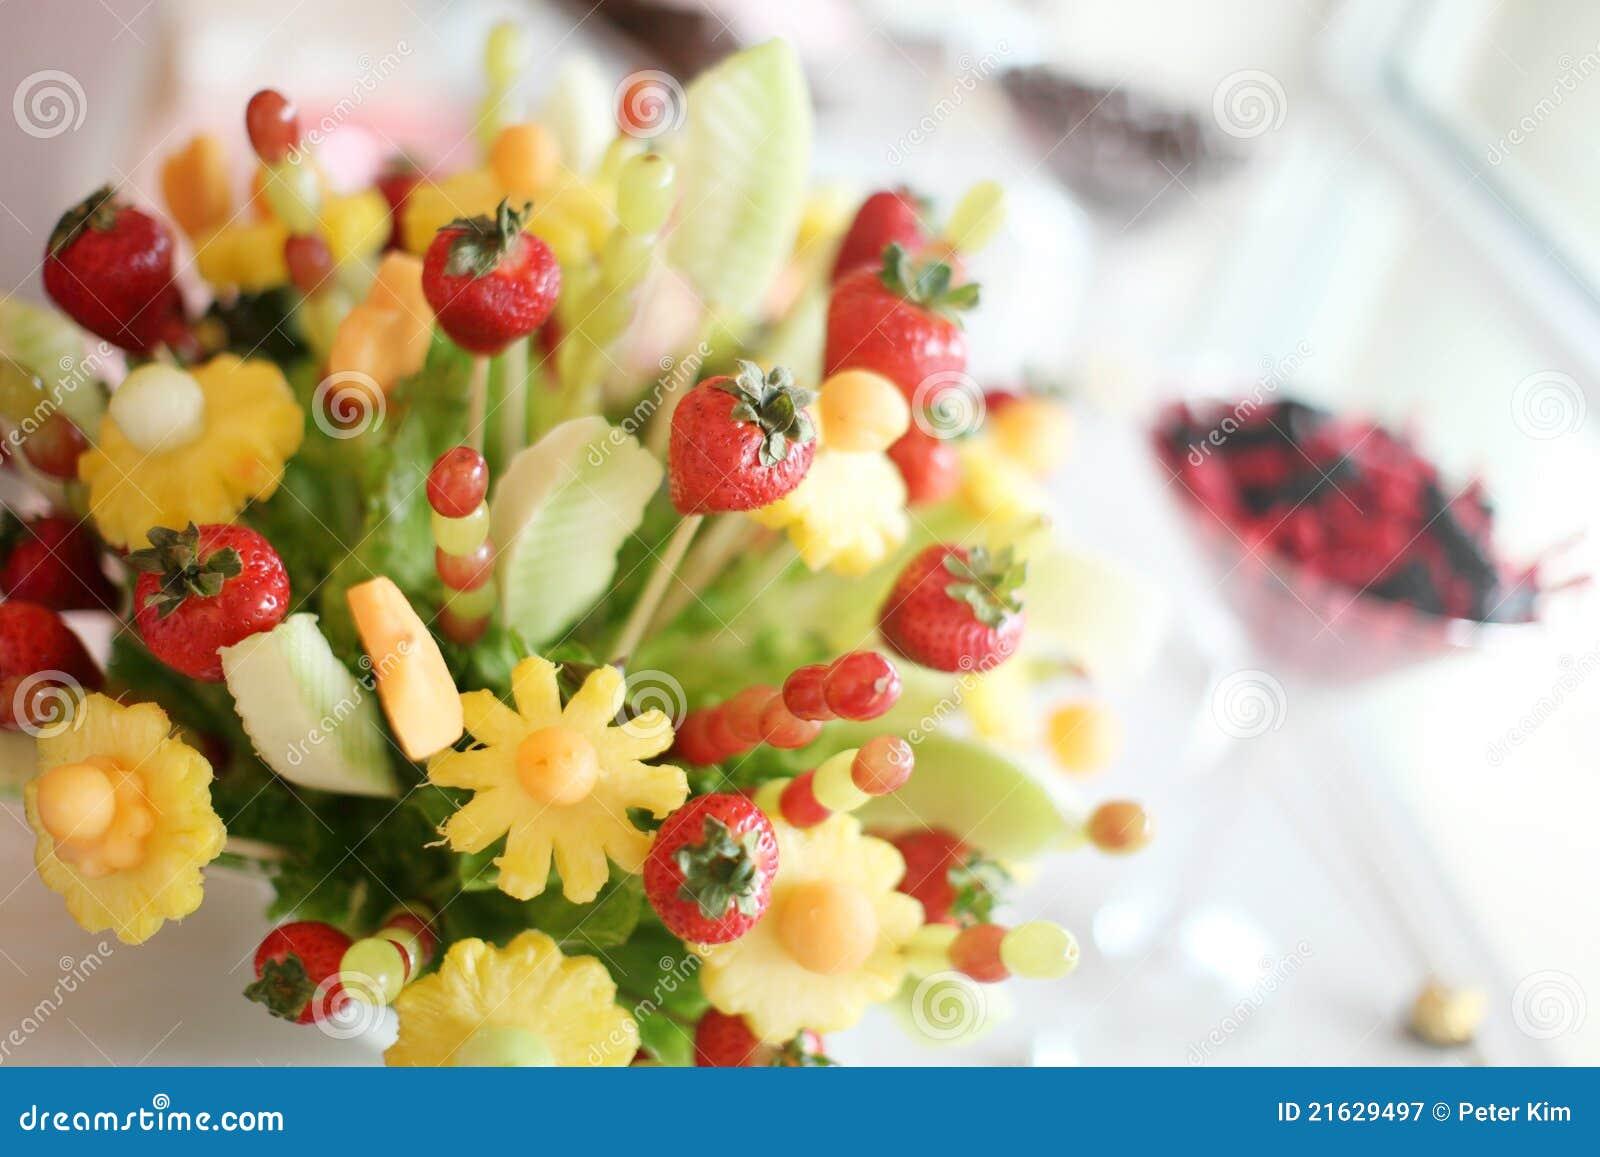 Bouquet de fruit